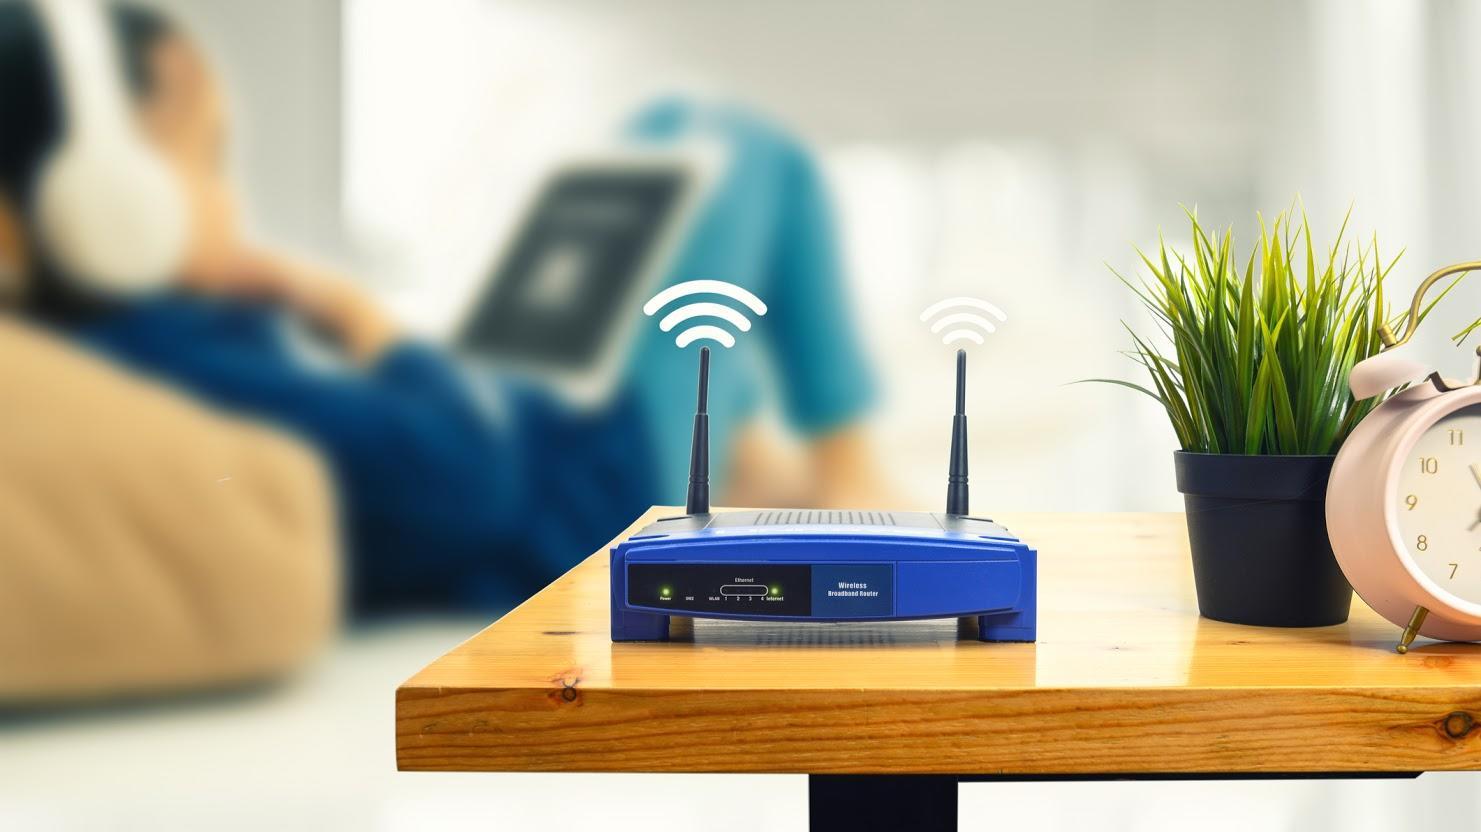 En İyi Wifi İçin Modem Ayarı Nasıl Olmalı?